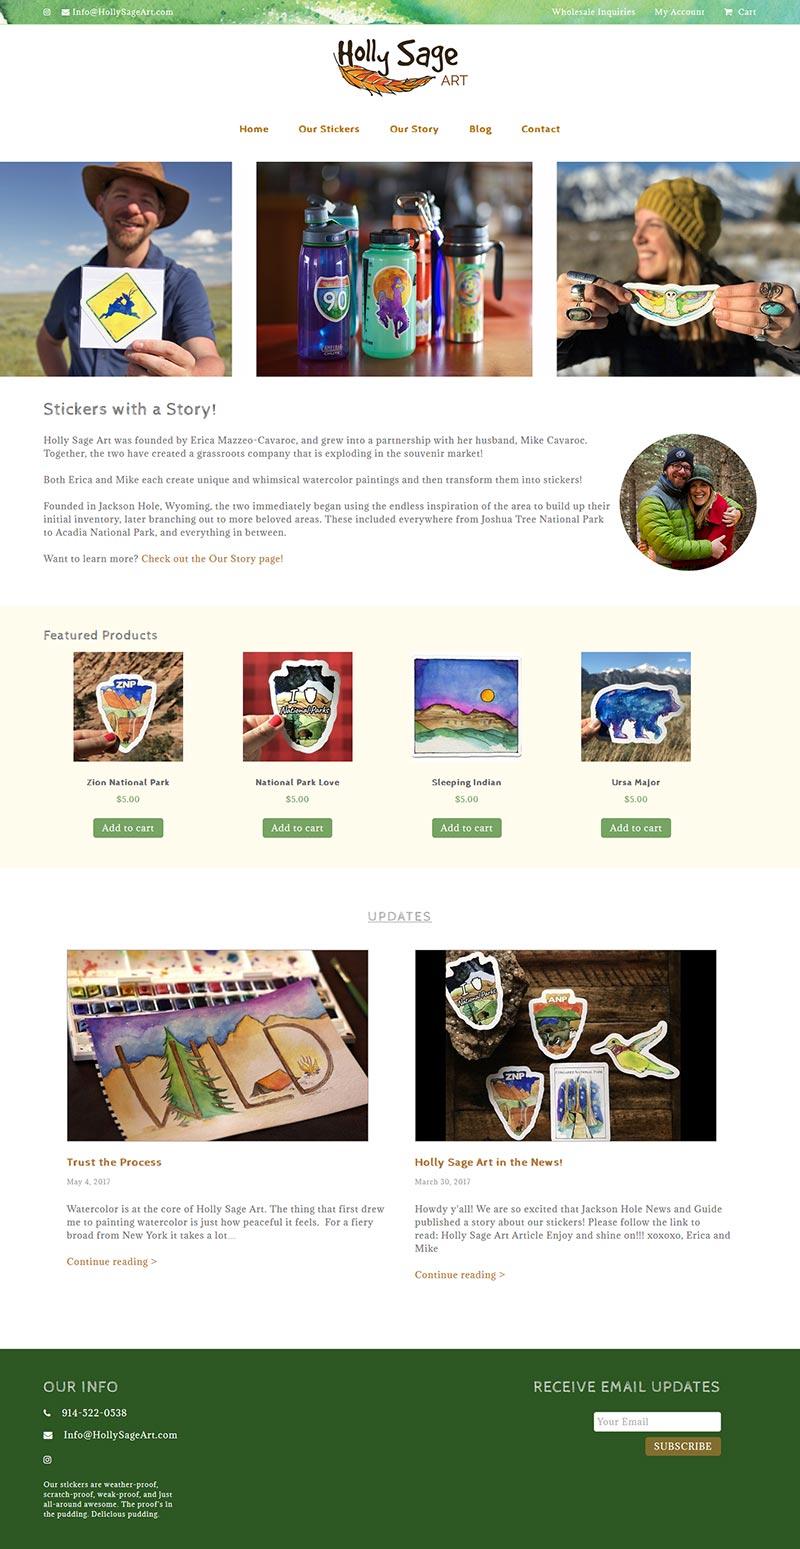 Holly Sage Art Website